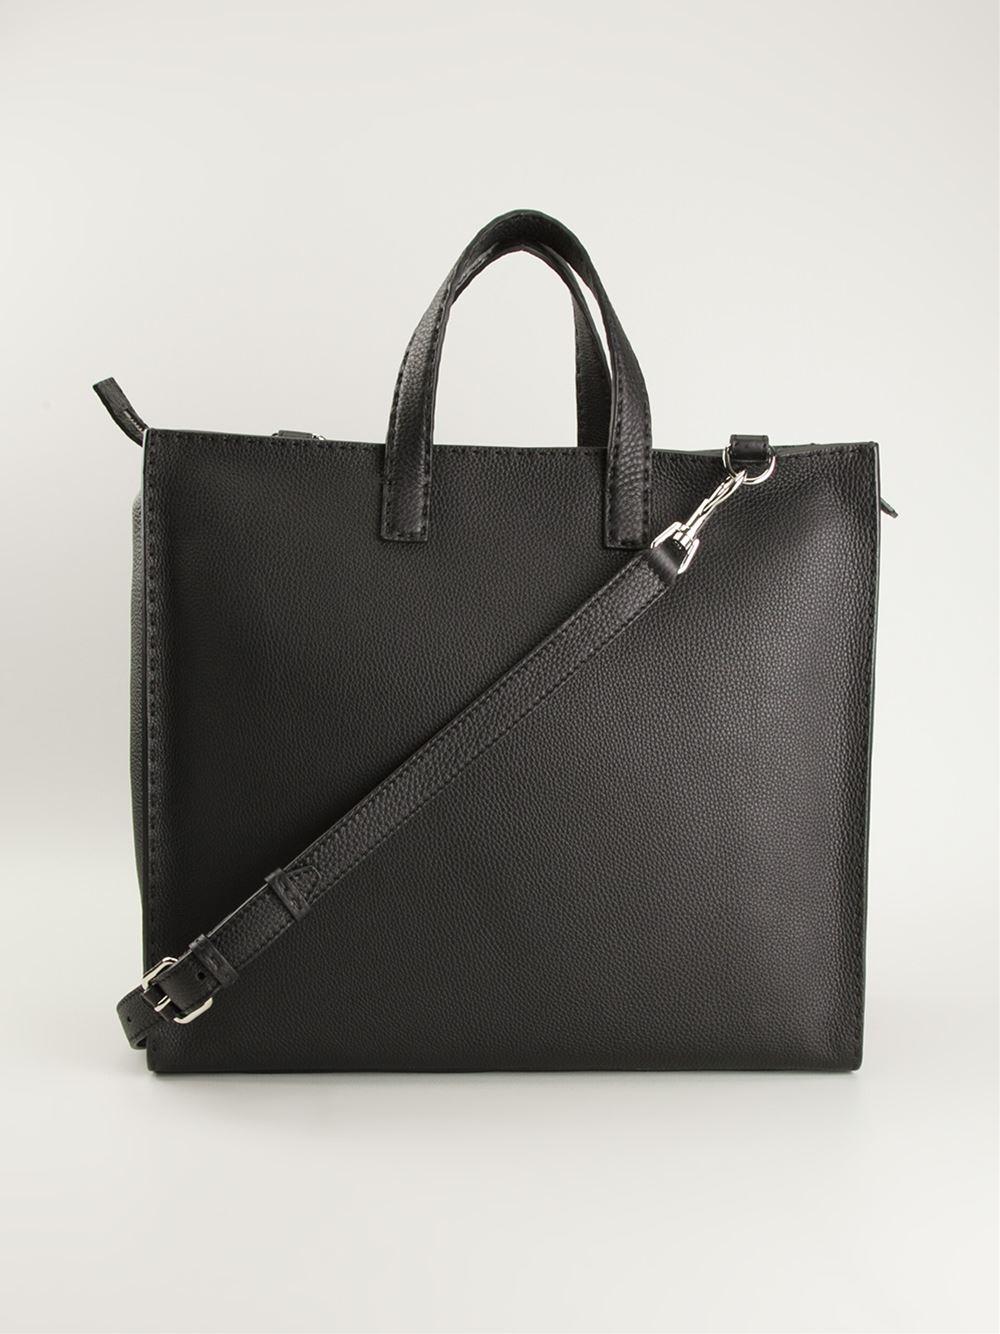 59b337481b3b ... low cost lyst fendi selleria tote in black for men 4ffd9 6b441